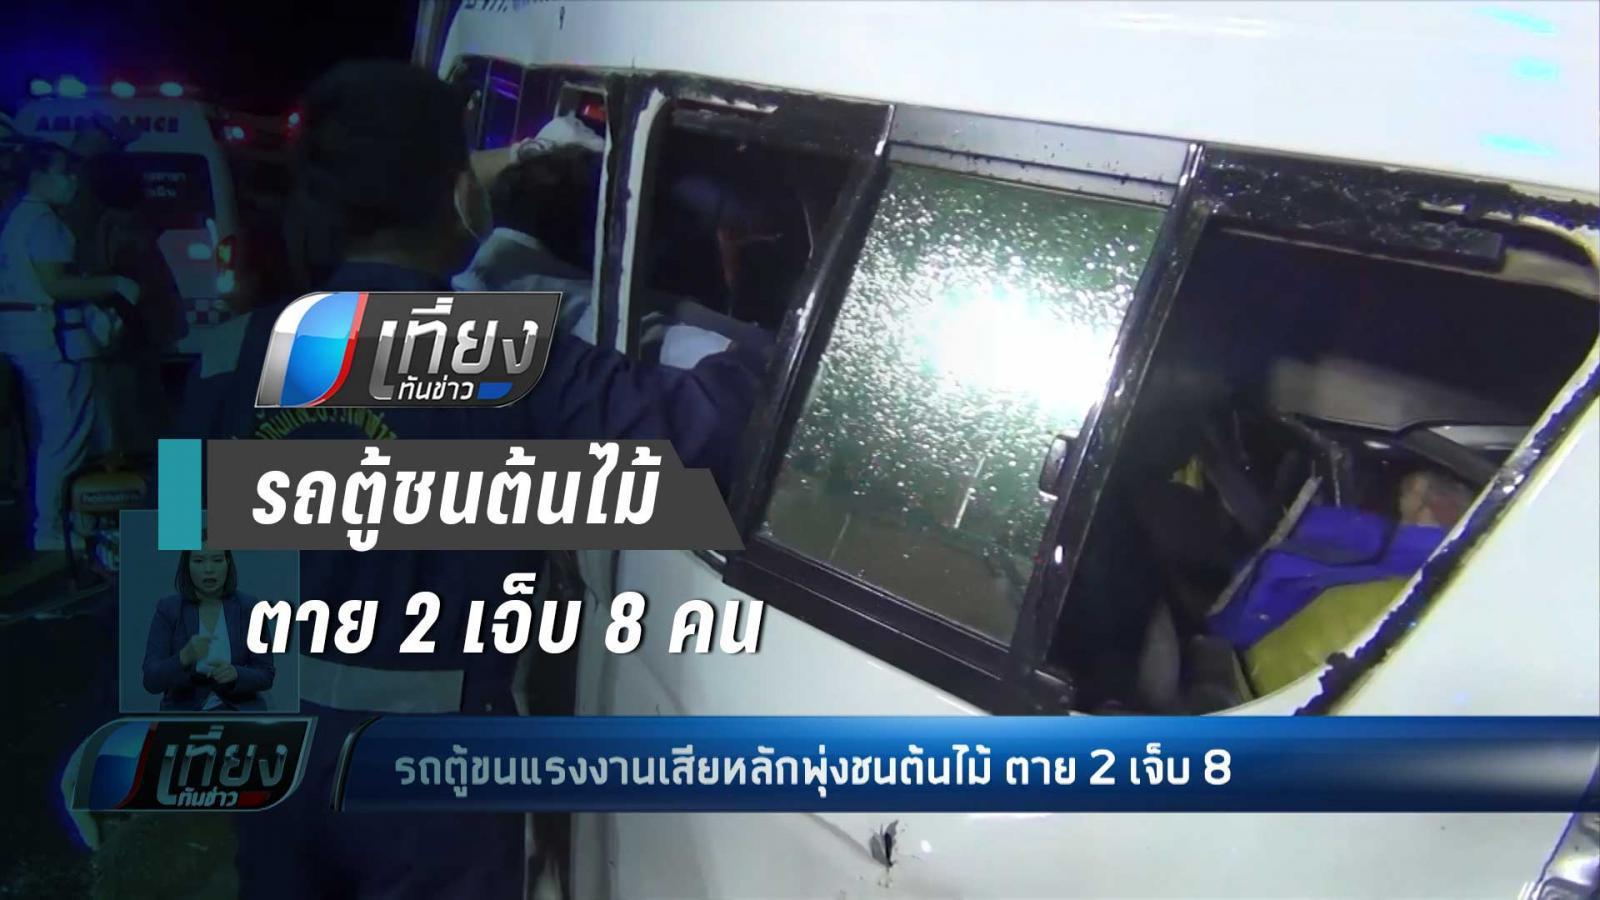 รถตู้ขนแรงงานเสียหลักพุ่งชนต้นไม้ ตาย 2 เจ็บ 8 ราย